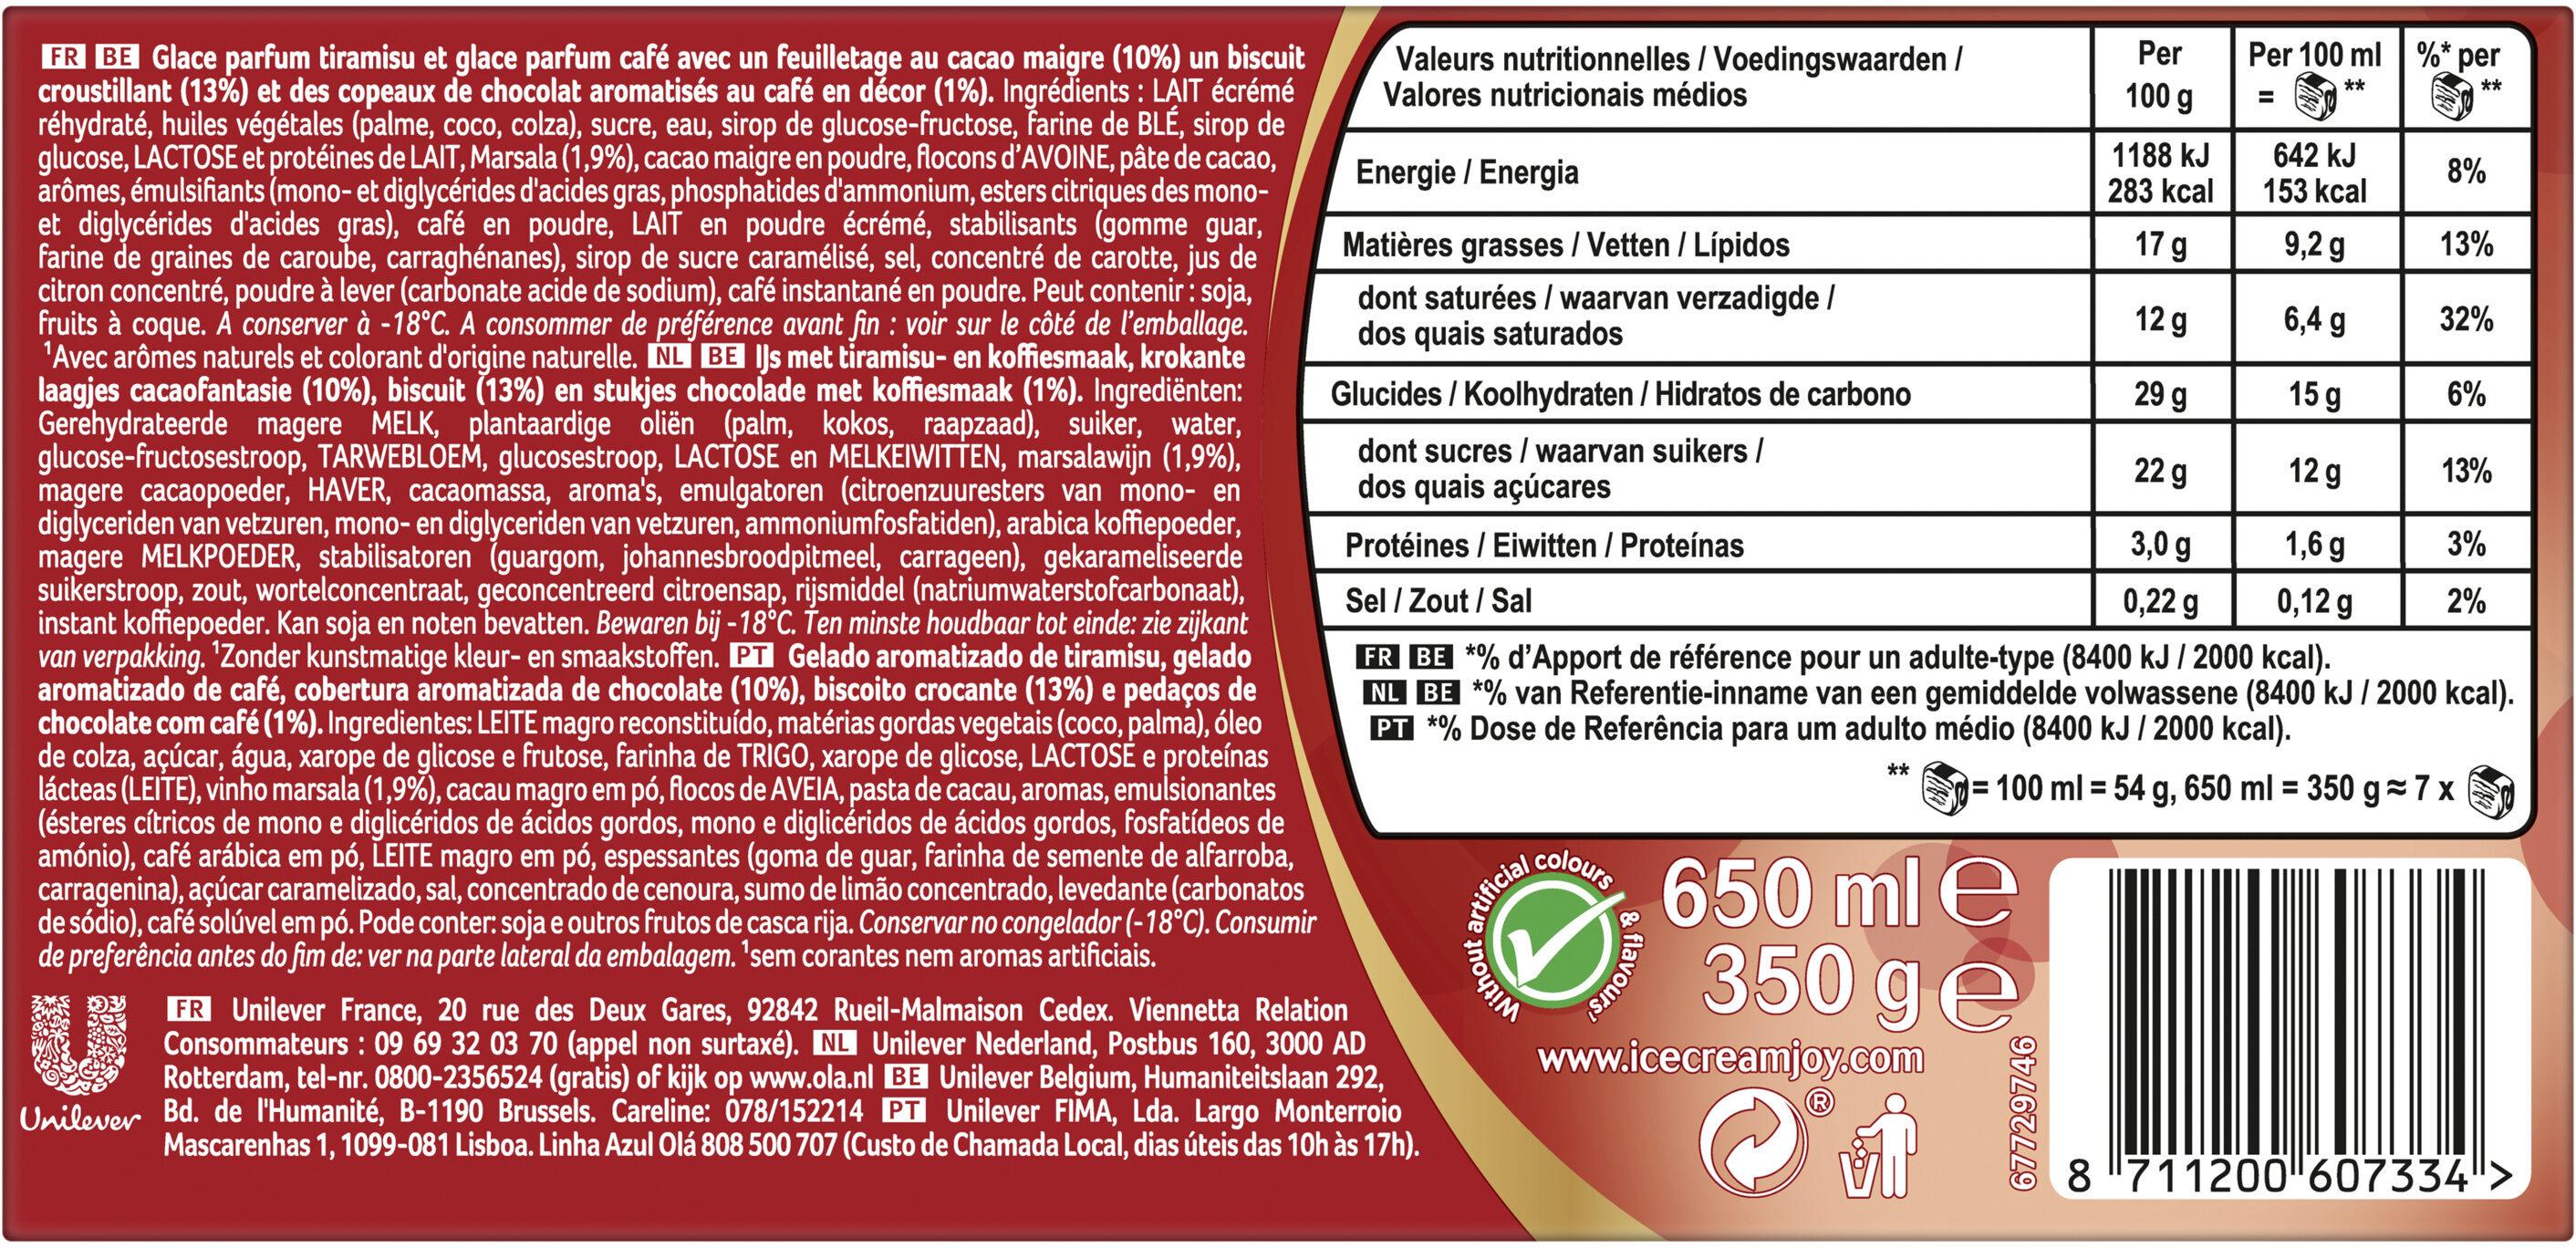 Viennetta Dessert Glace Parfum Tiramisu 7 parts 650ml - Ingrediënten - nl